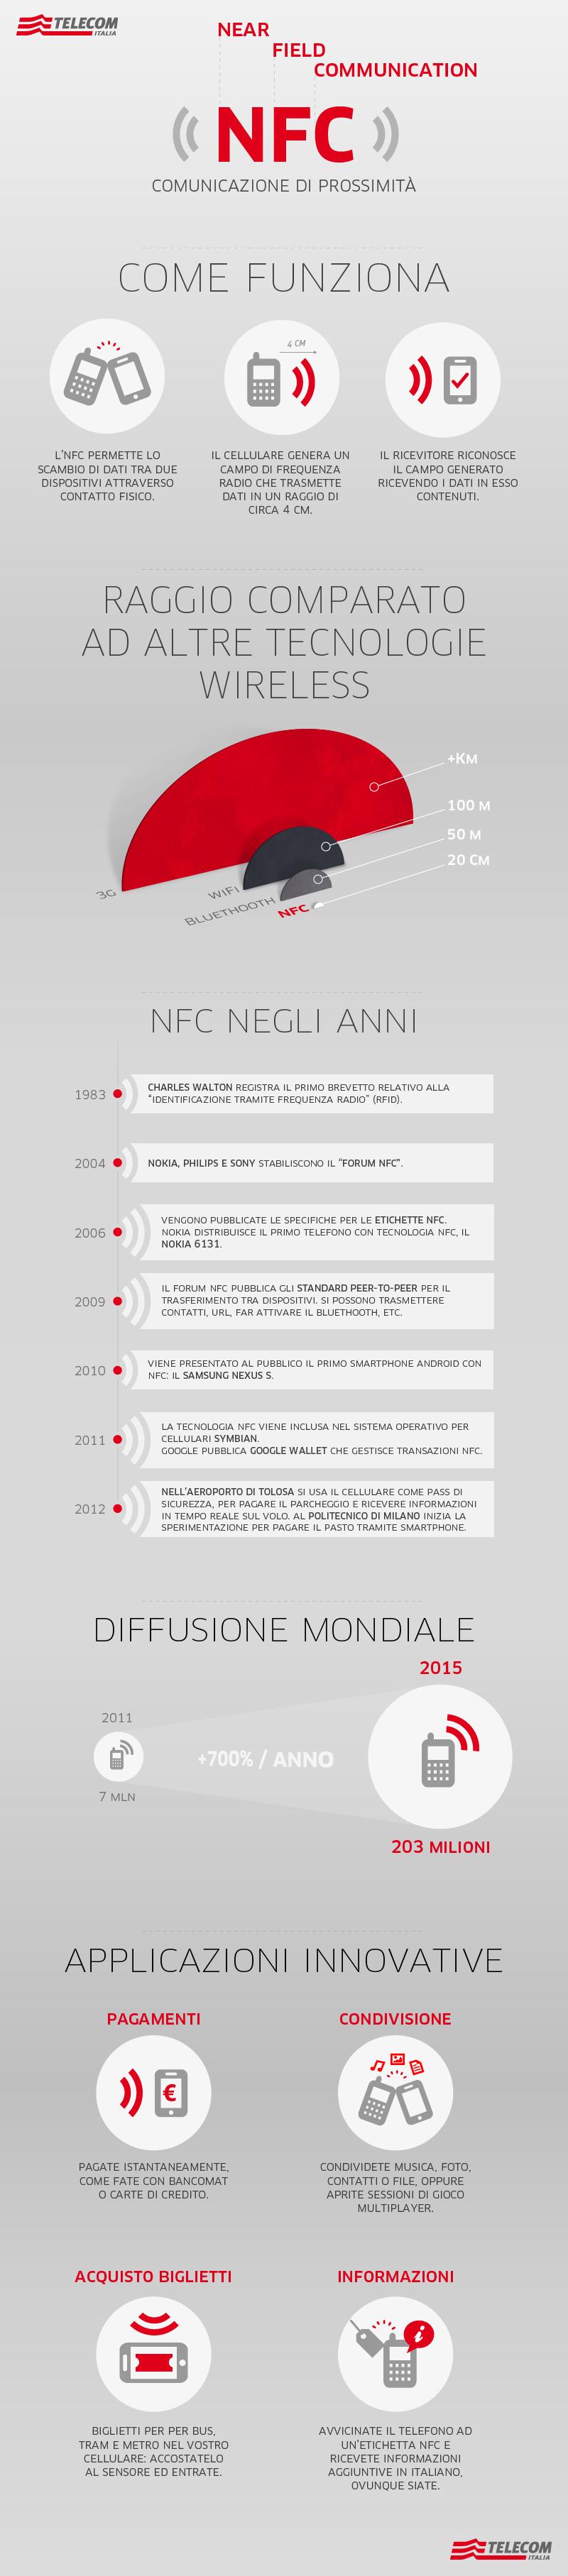 infografica-NFC.jpg